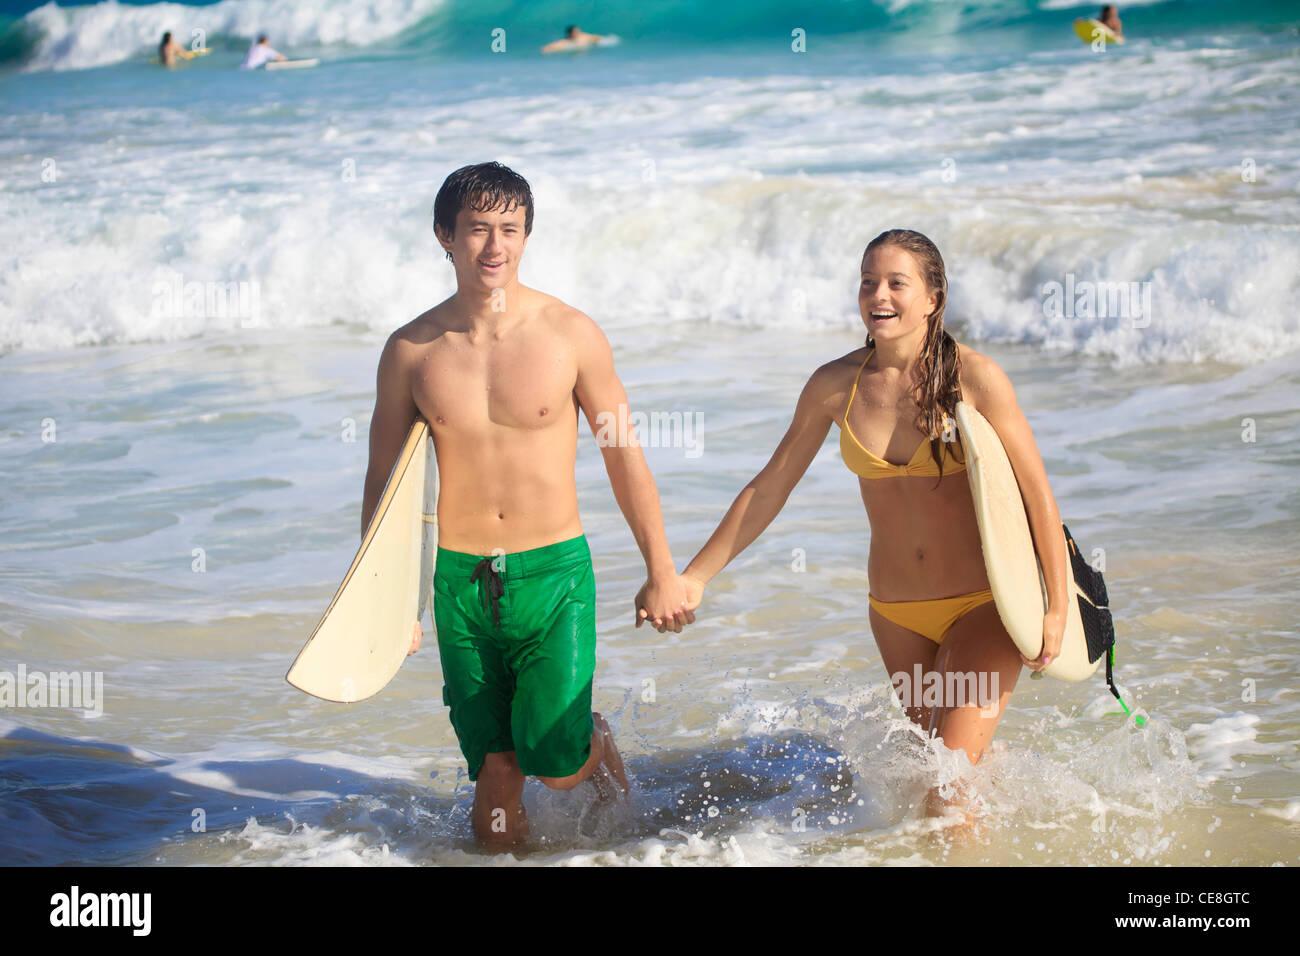 Share Young hawaiian teen